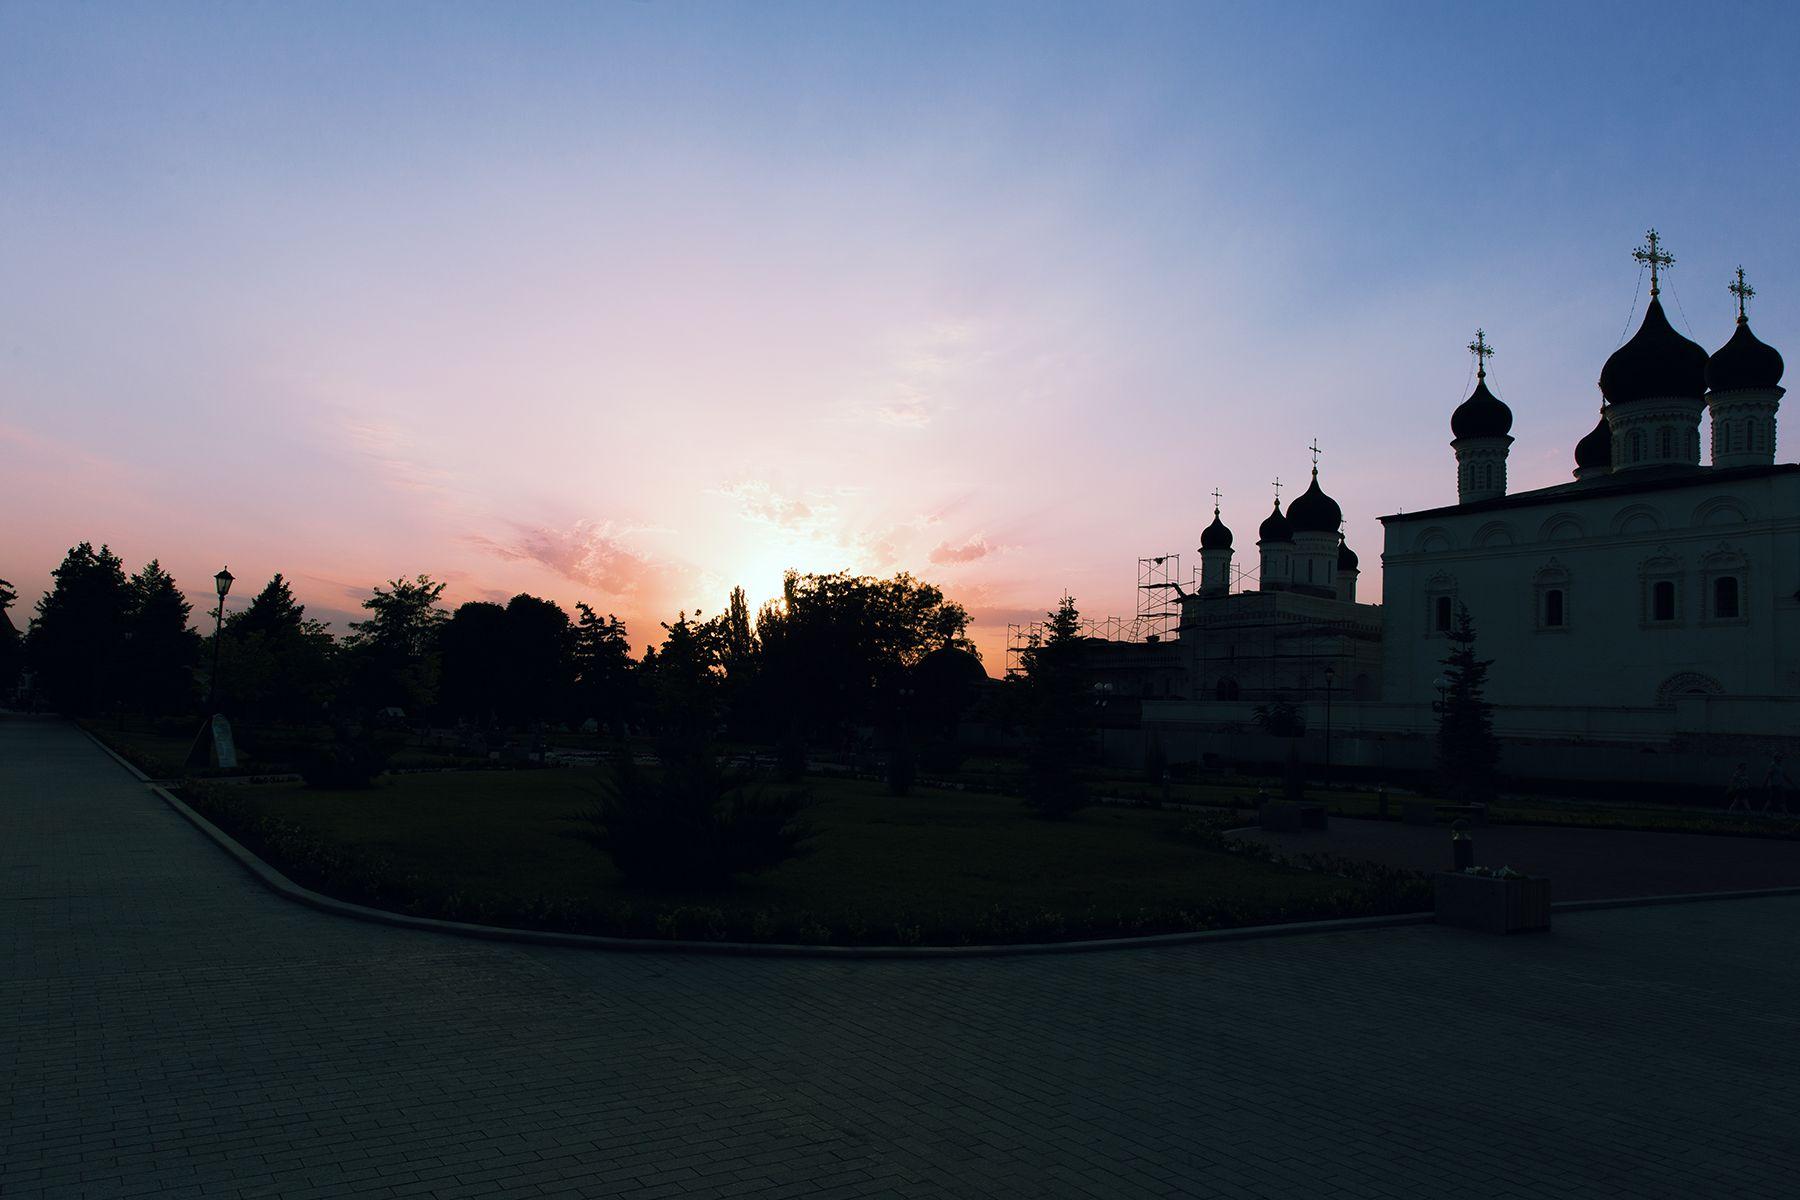 Летом закаты в Астрахани бывают здесь... астрахань лето июль 2018 закат город юг тепло красота астраханский кремль рпц троицкий собор крепостная стена